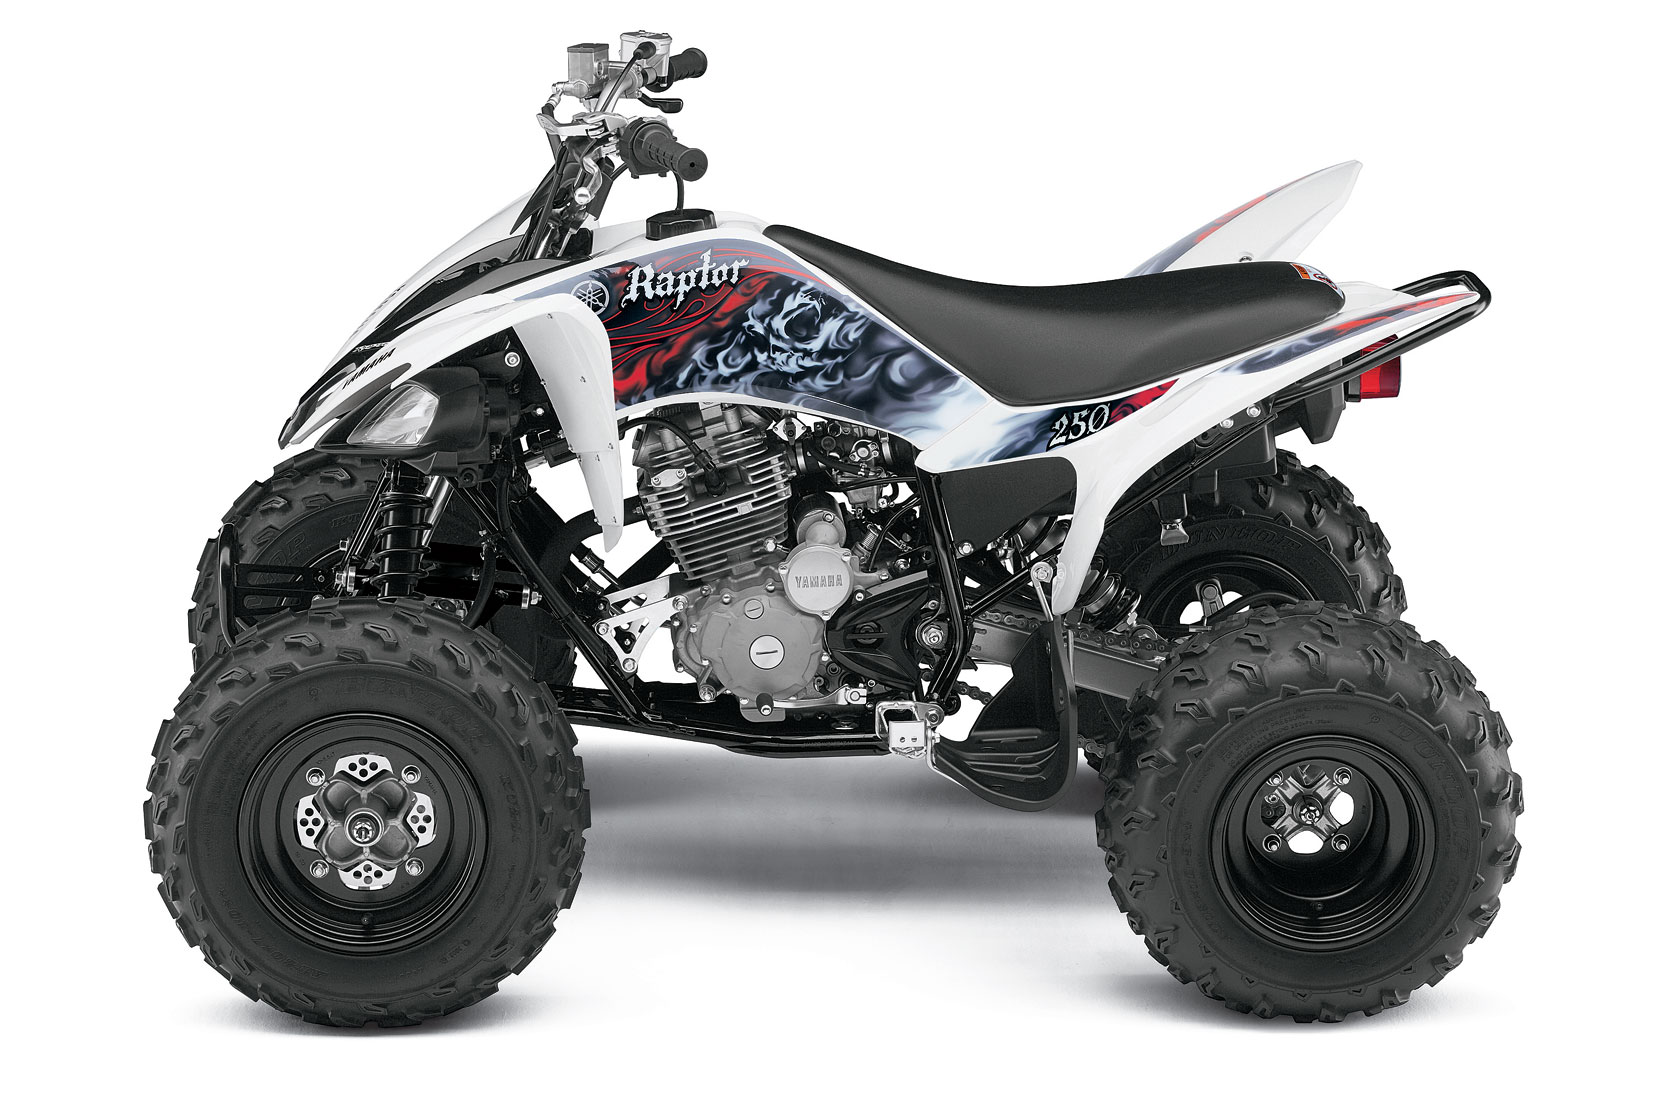 Yamaha Raptor 250 Specs - 2010  2011